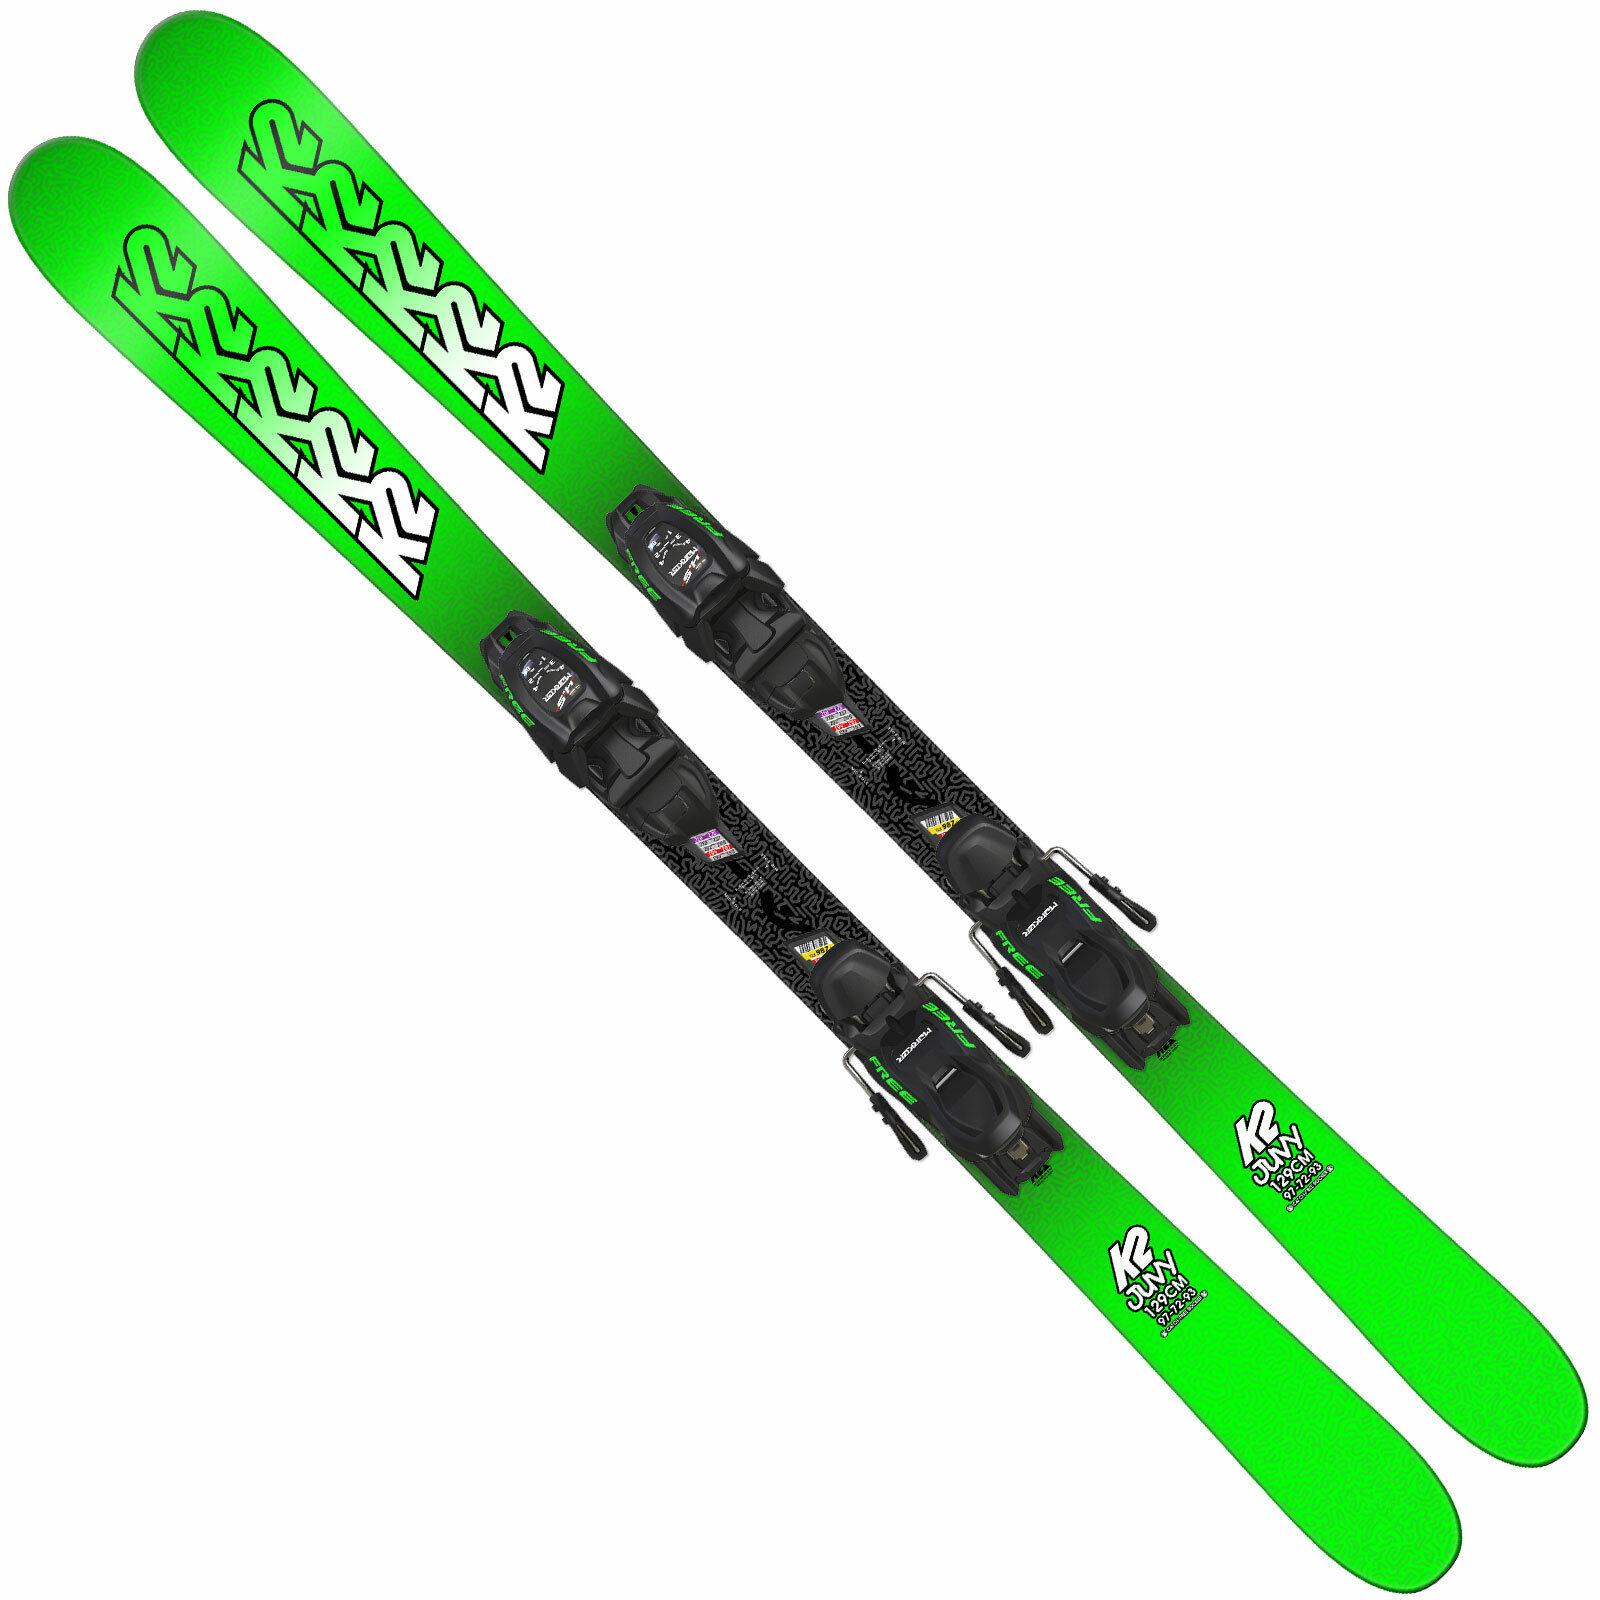 K2 Juvy Kinder-Ski + Marqueur Fdt Junior Fixation Skis Enfants Set Ski Alpin